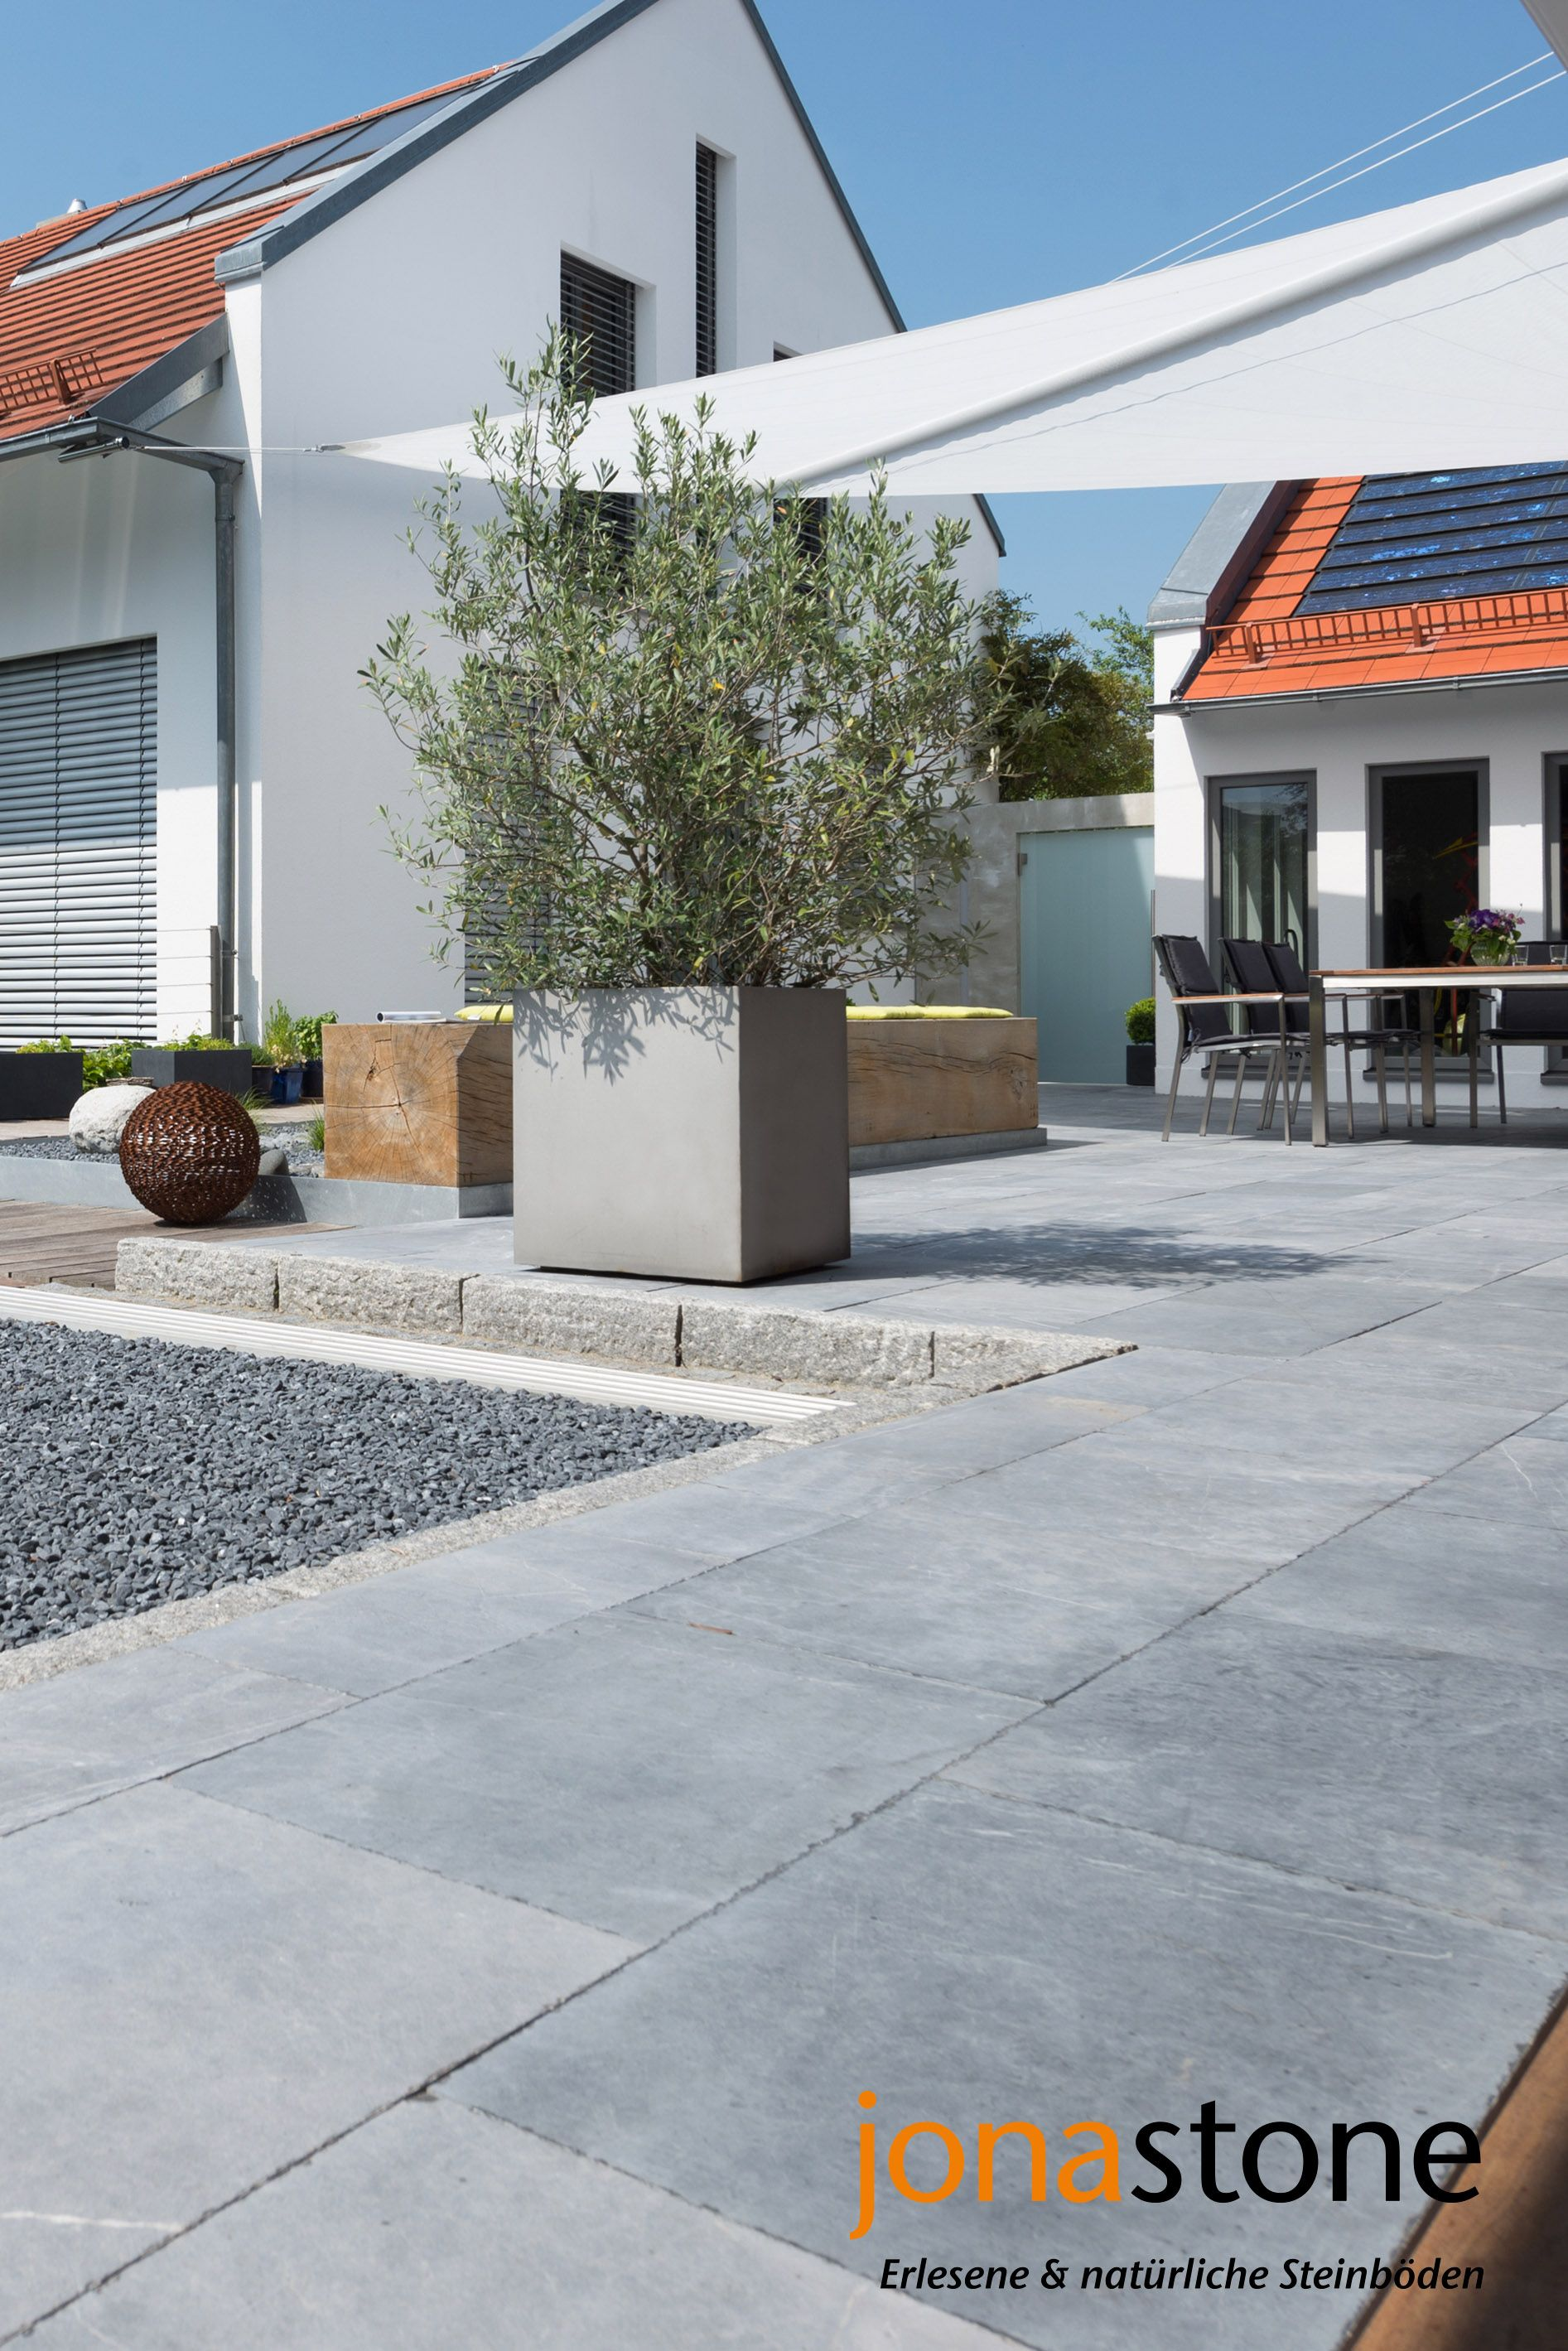 Charming Kuhle Startseite Dekoration Moderneterrasse Uberdachung Mit Aluminium Chic #7: Häuschen